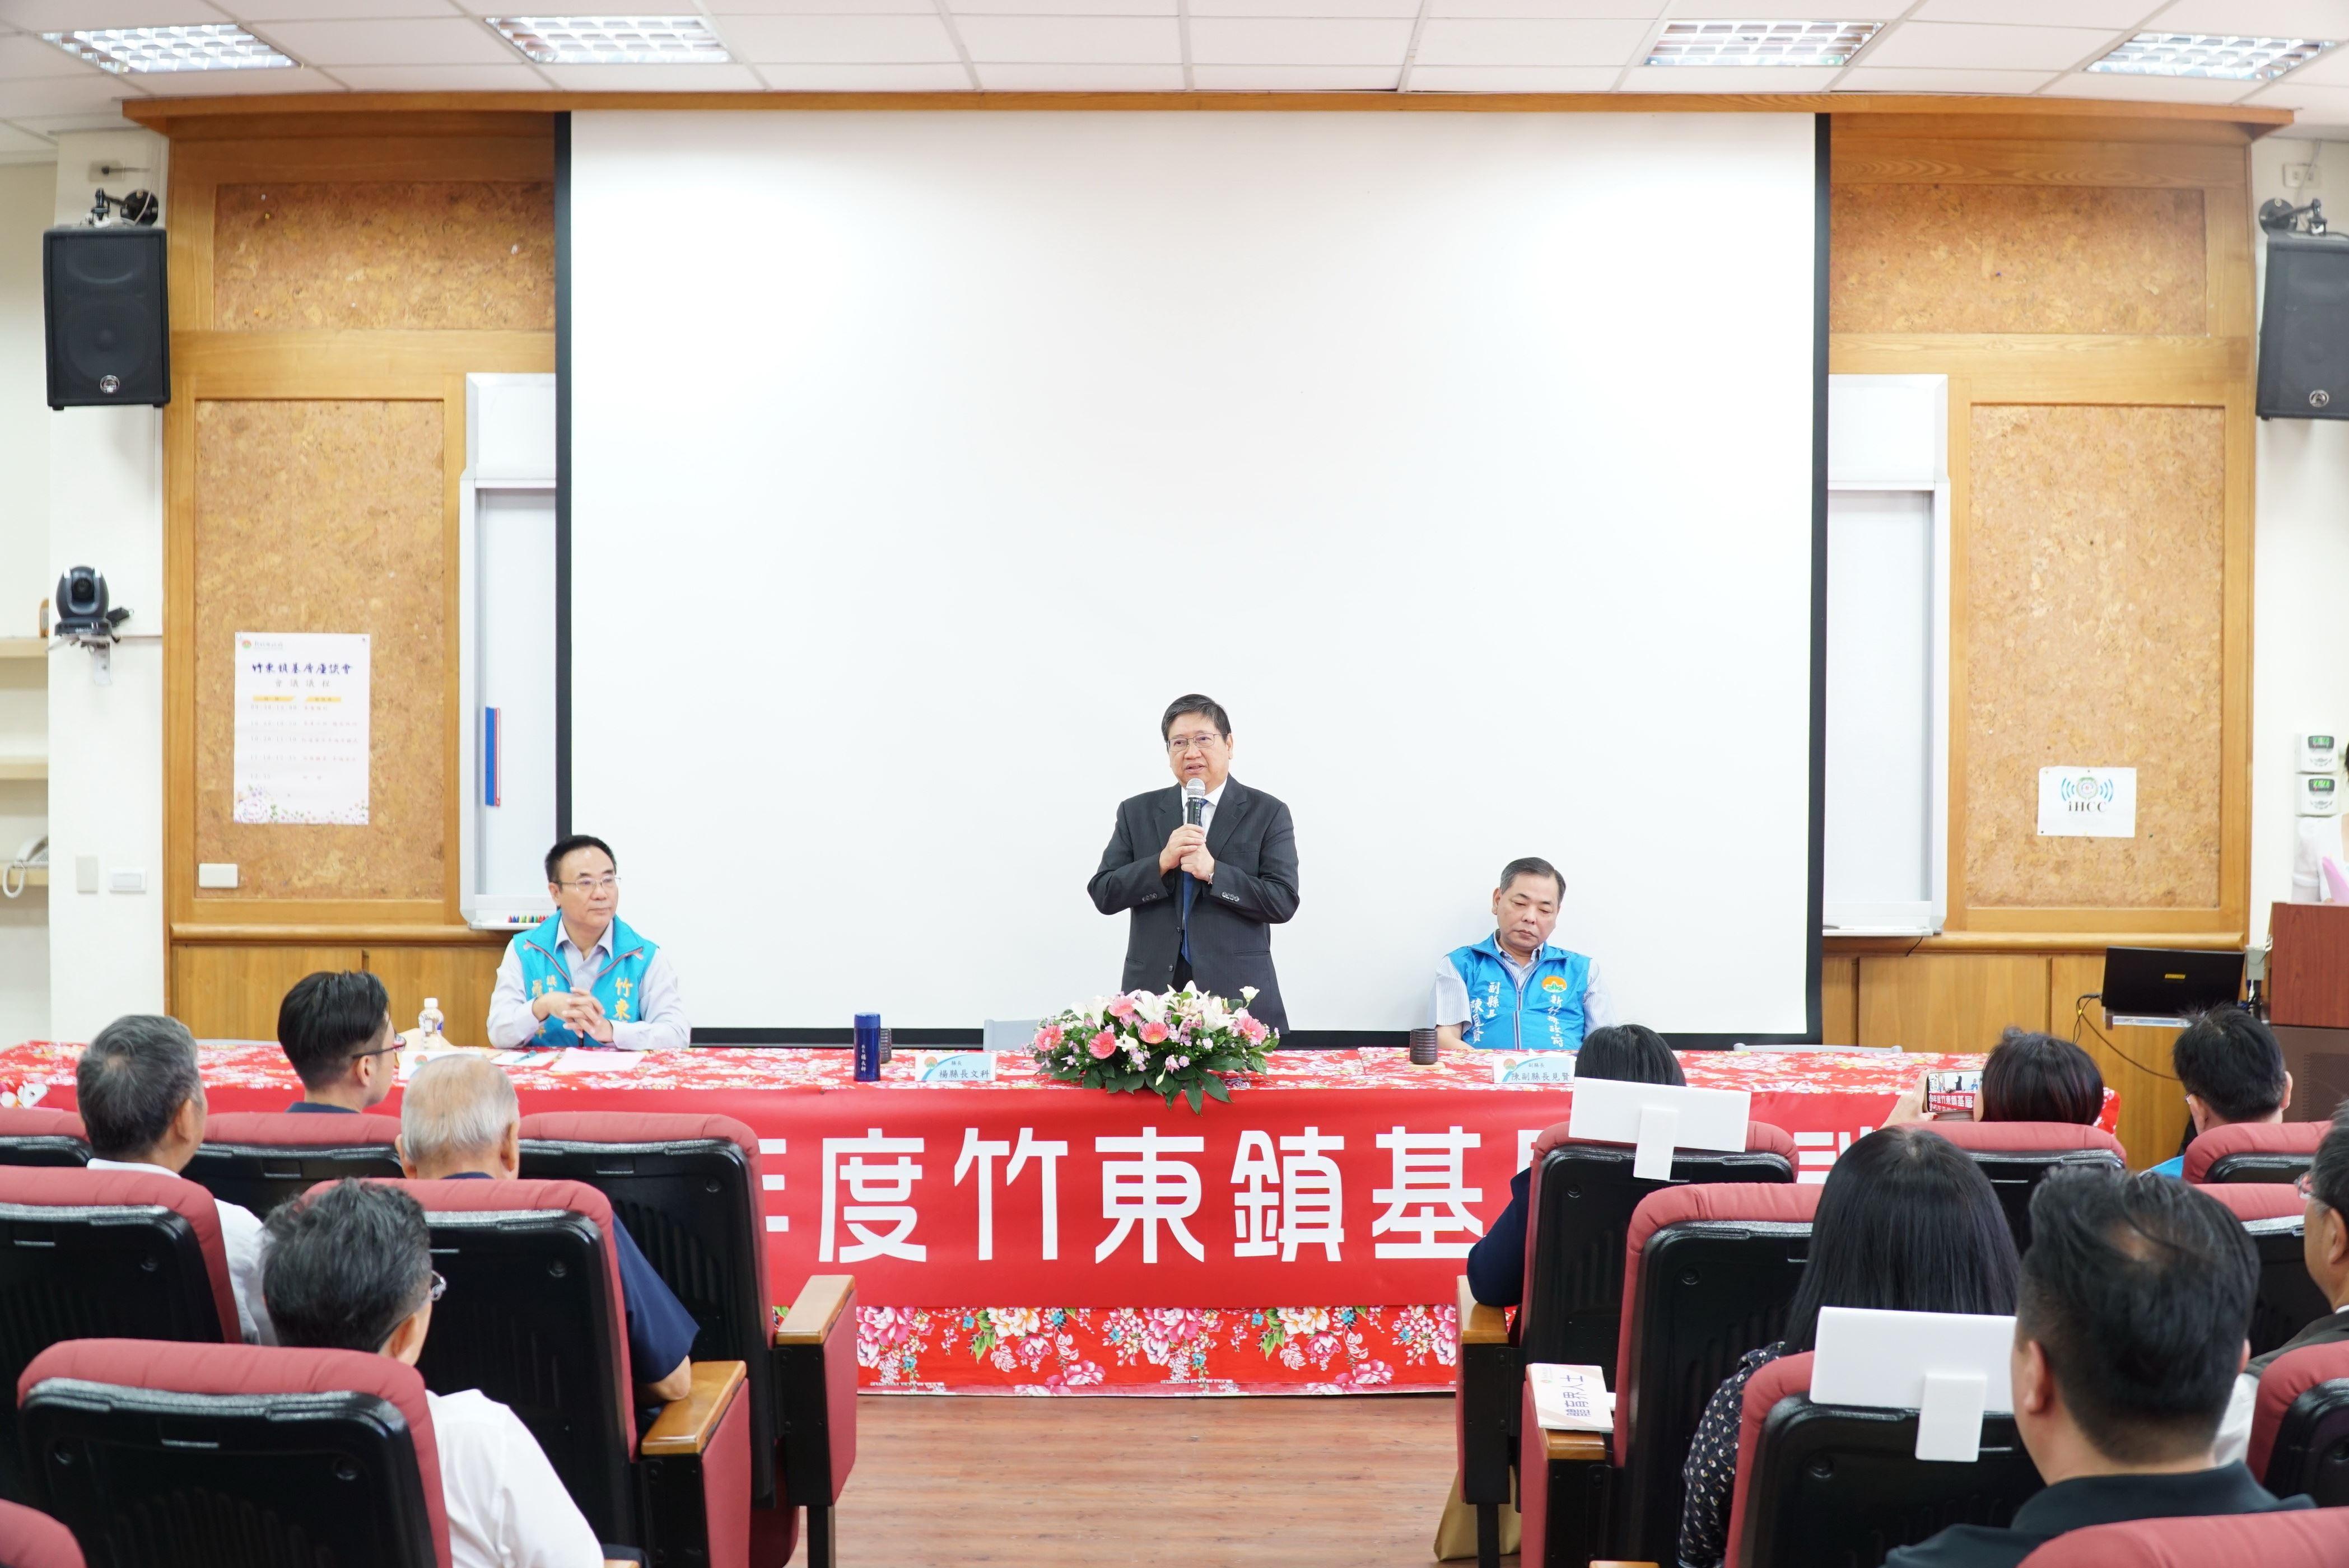 楊縣長親自主持首次竹東鎮基層座談會 初步規劃竹東國民運動中心